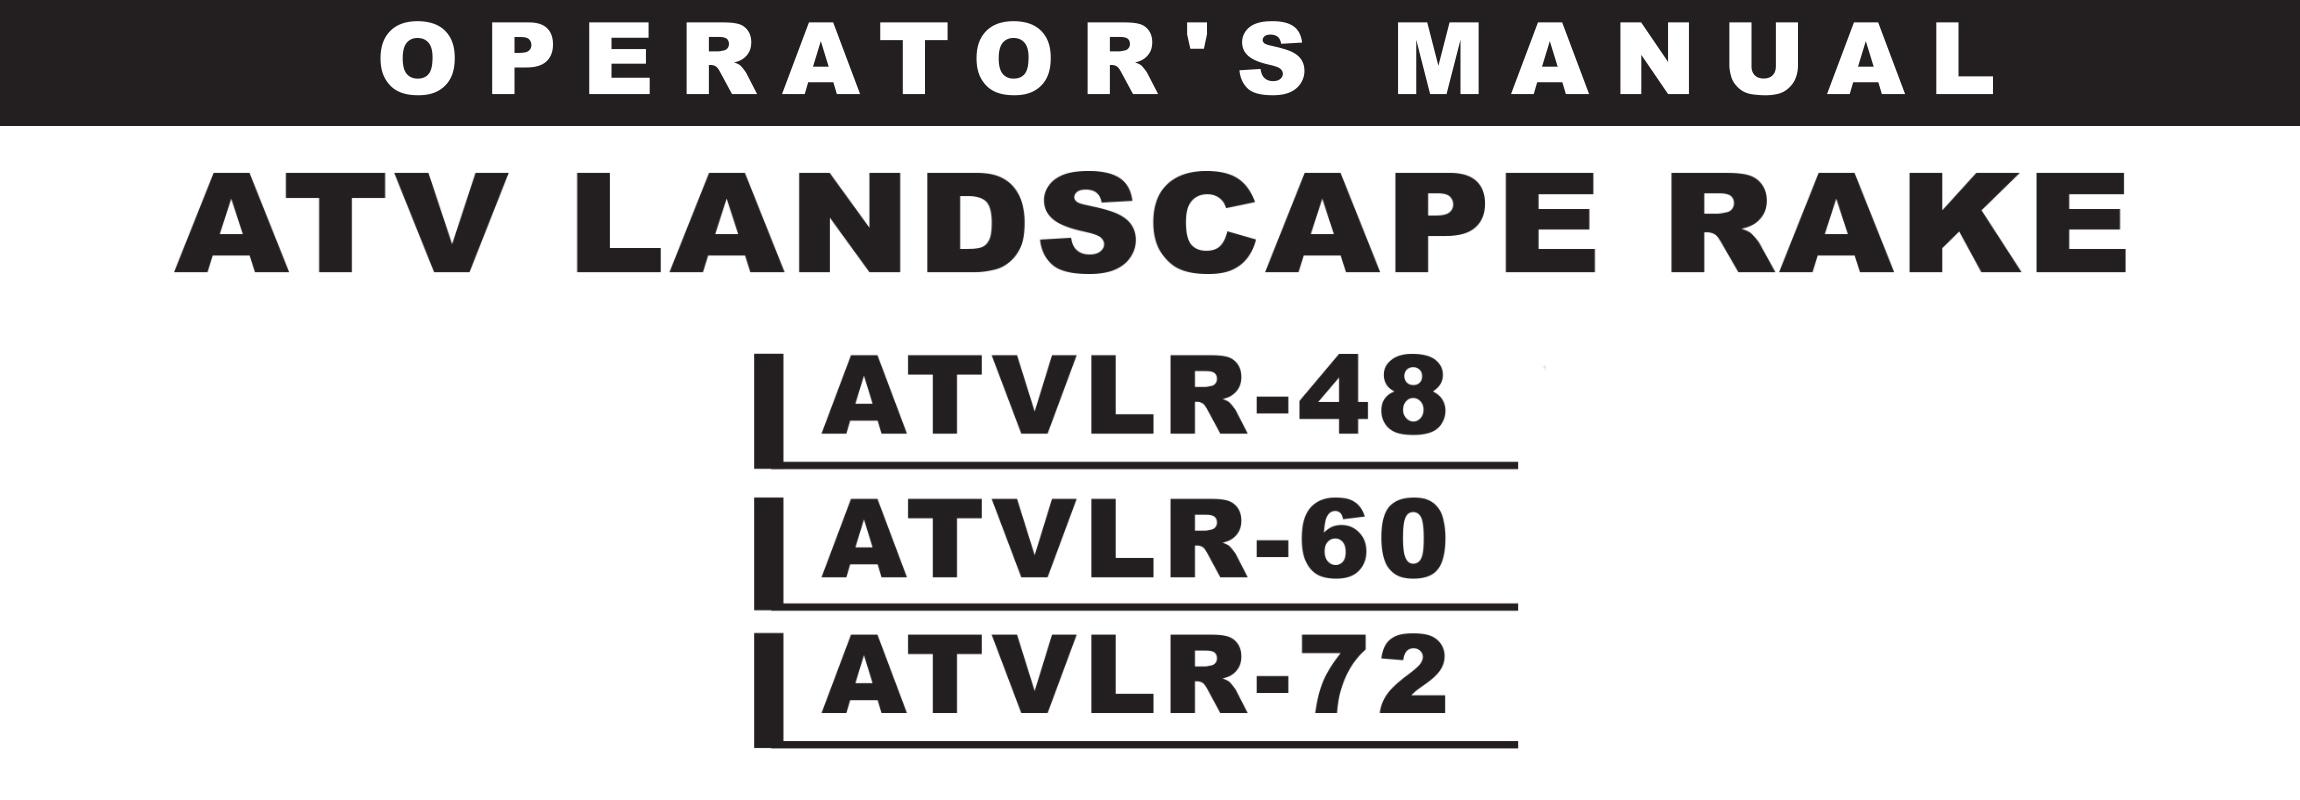 ATVLR-RAKE Series Owners Manual